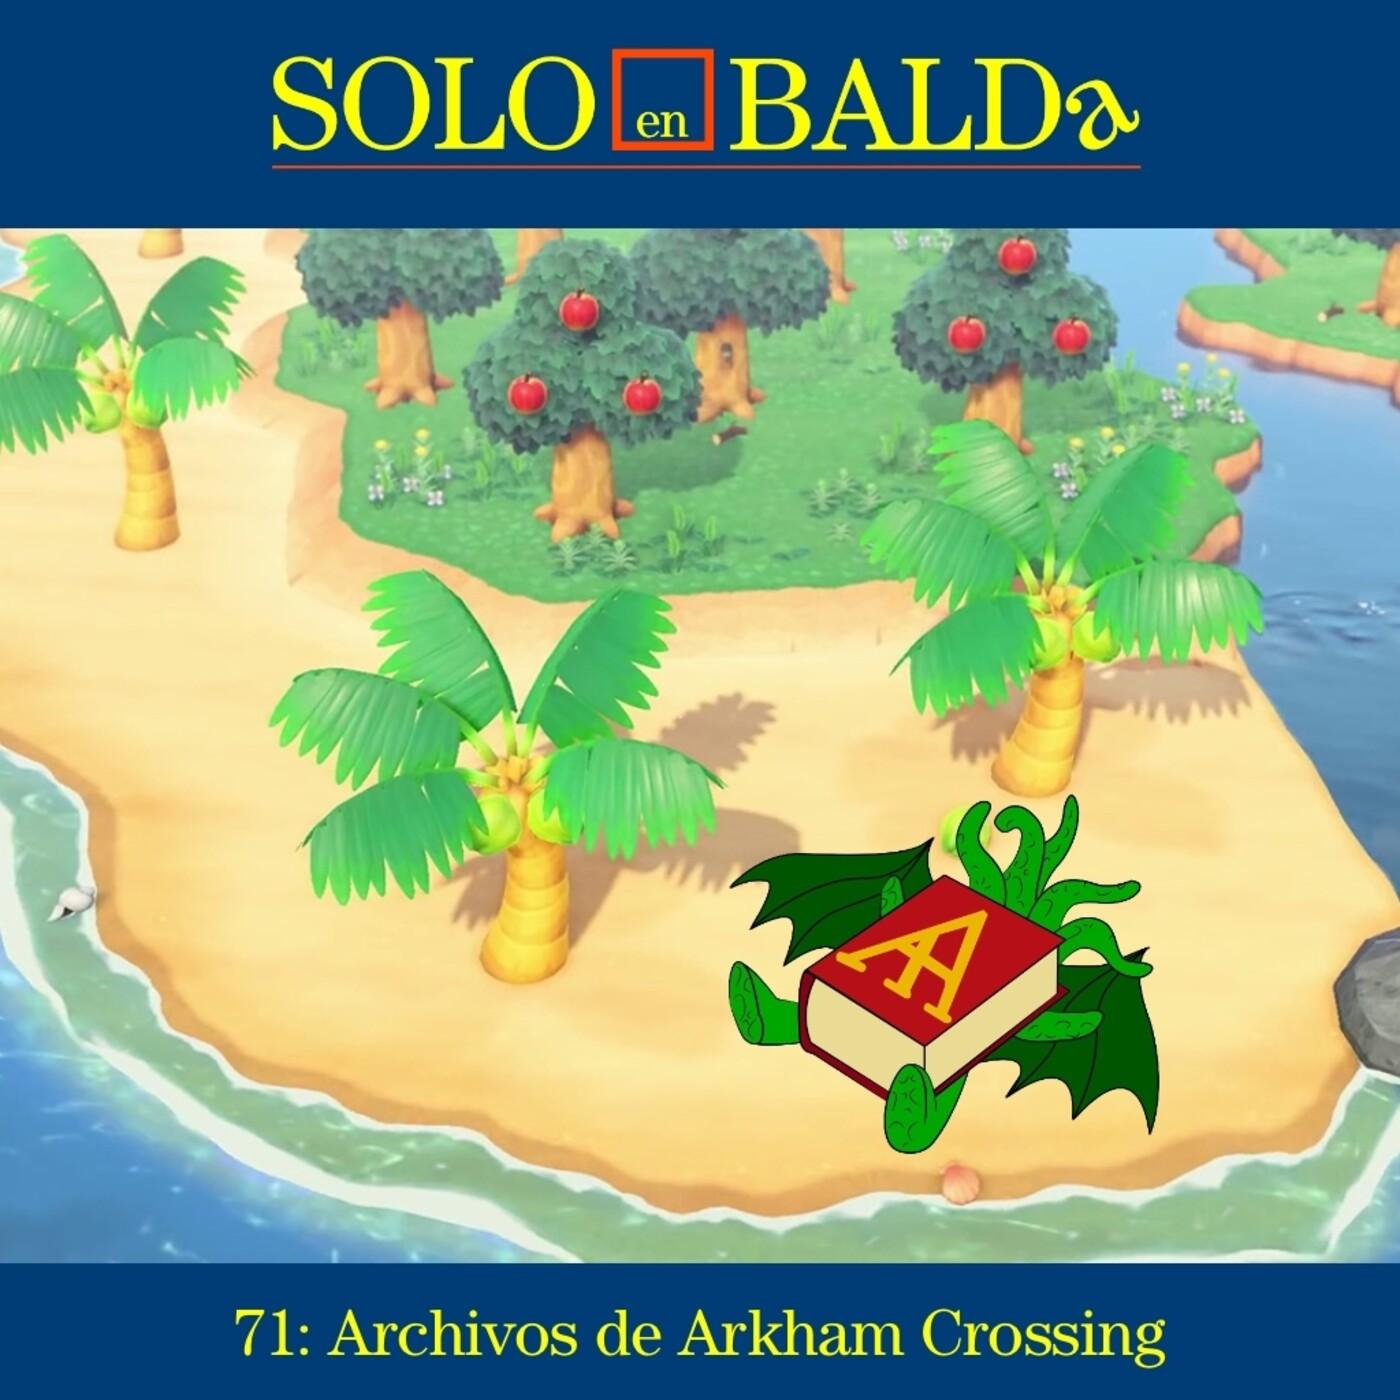 71: Archivos de Arkham Crossing